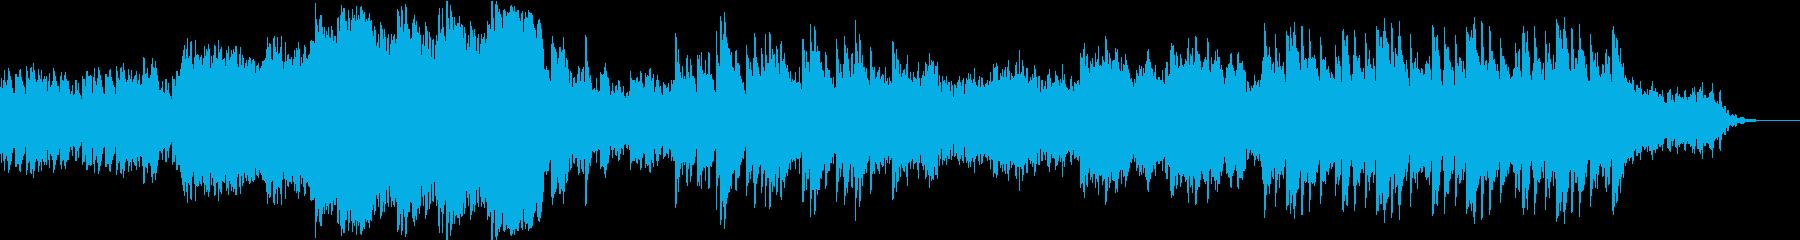 星や宇宙が題材の作品を彩るヒーリング曲の再生済みの波形